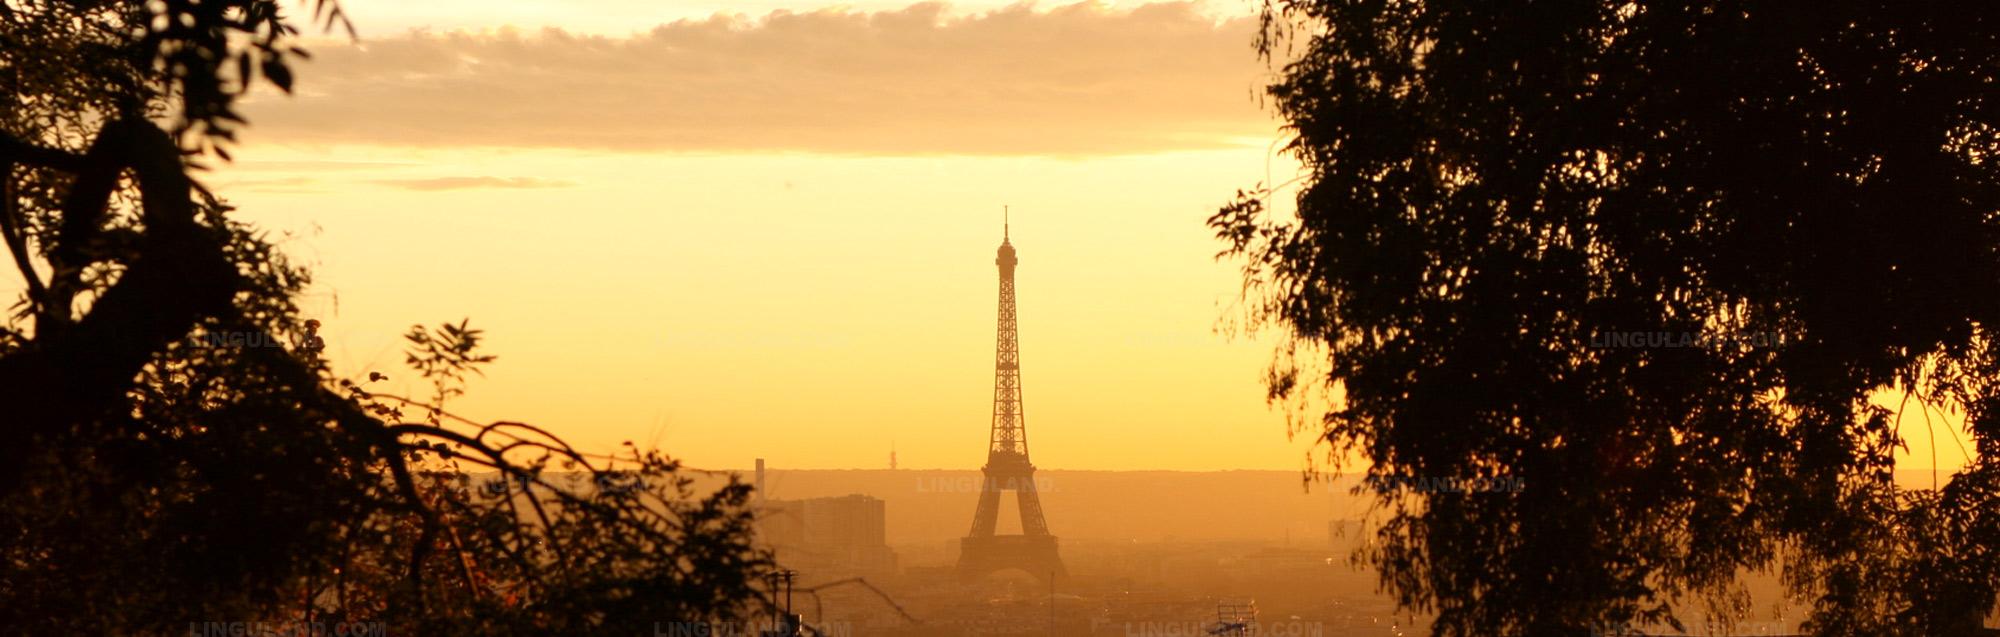 Séjours linguistiques France, cours d'français France